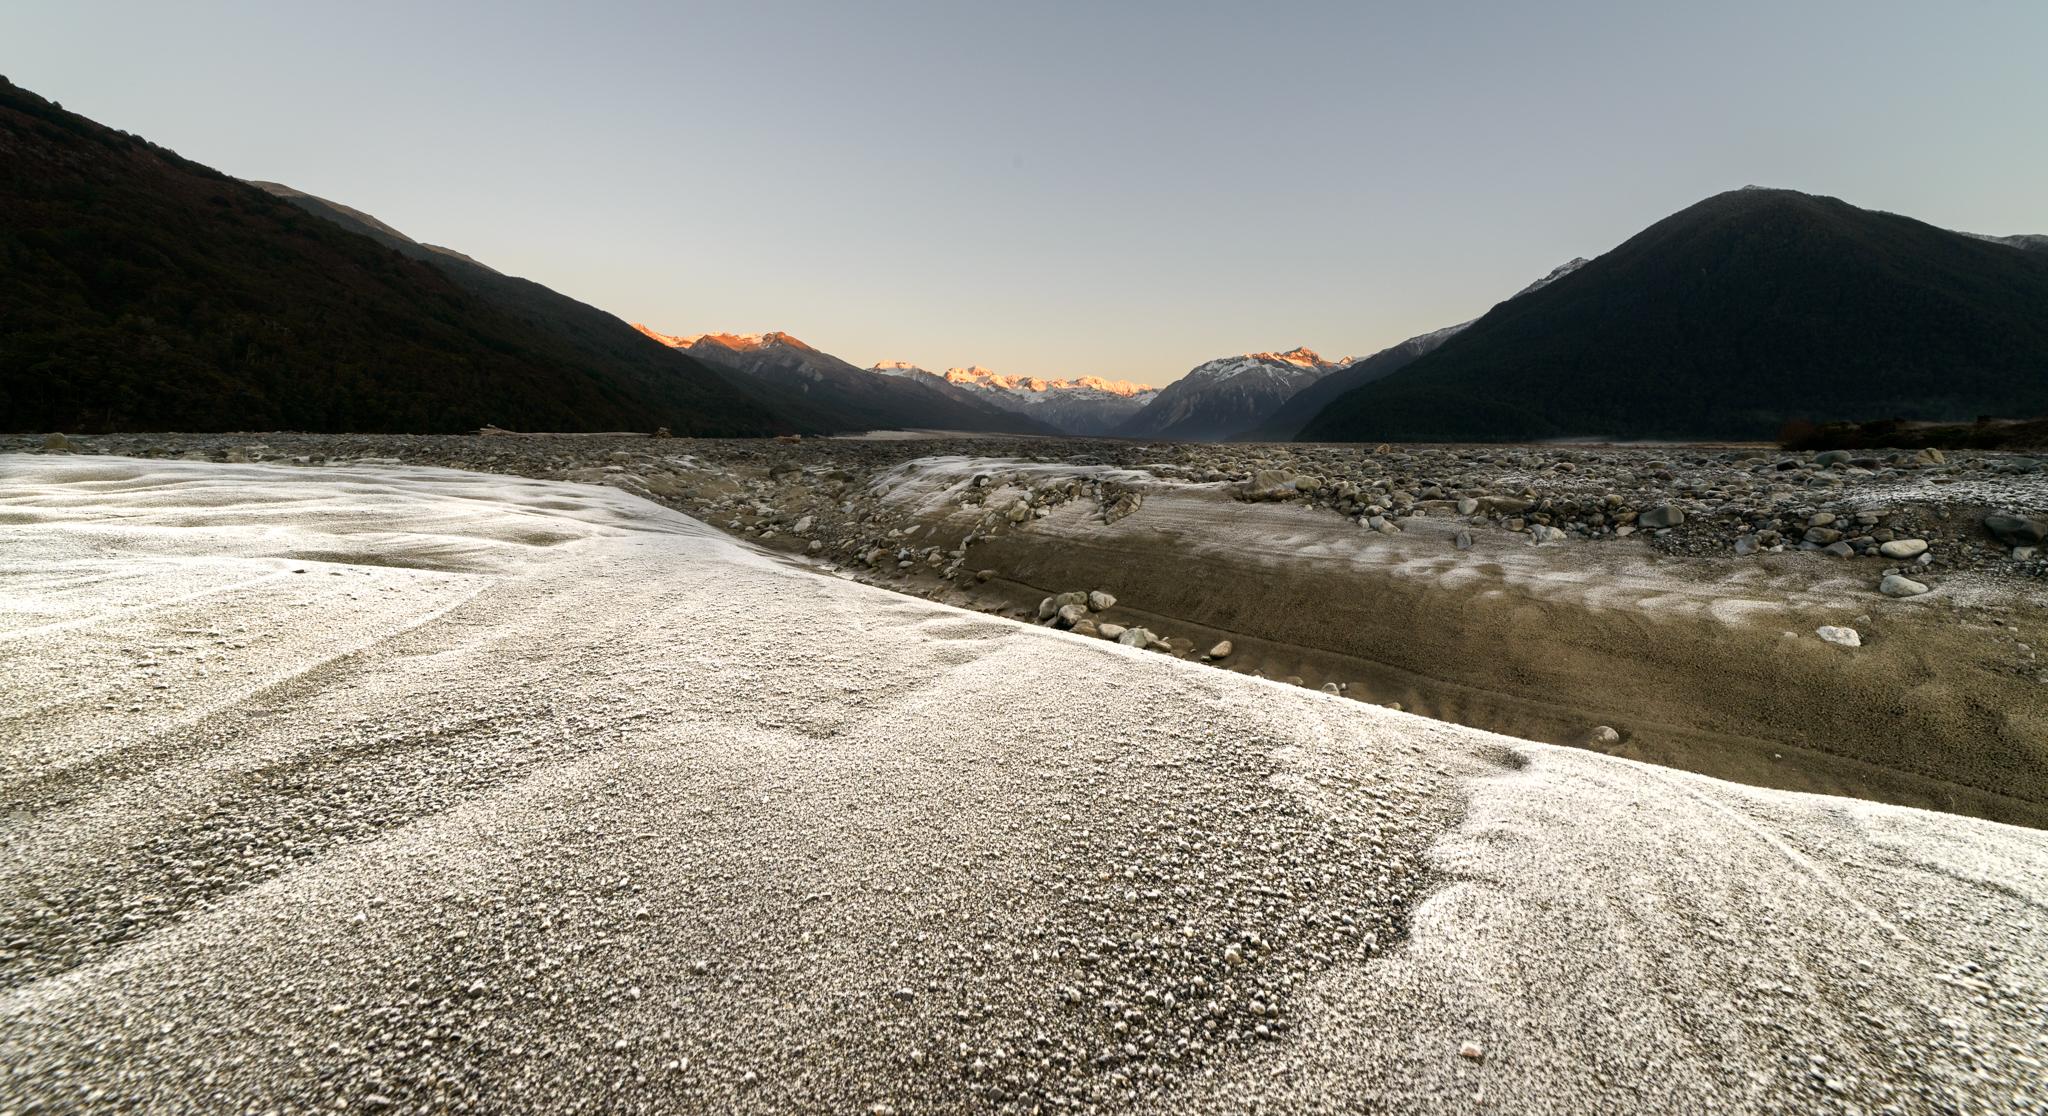 Frozen Sands, Waimakariri River